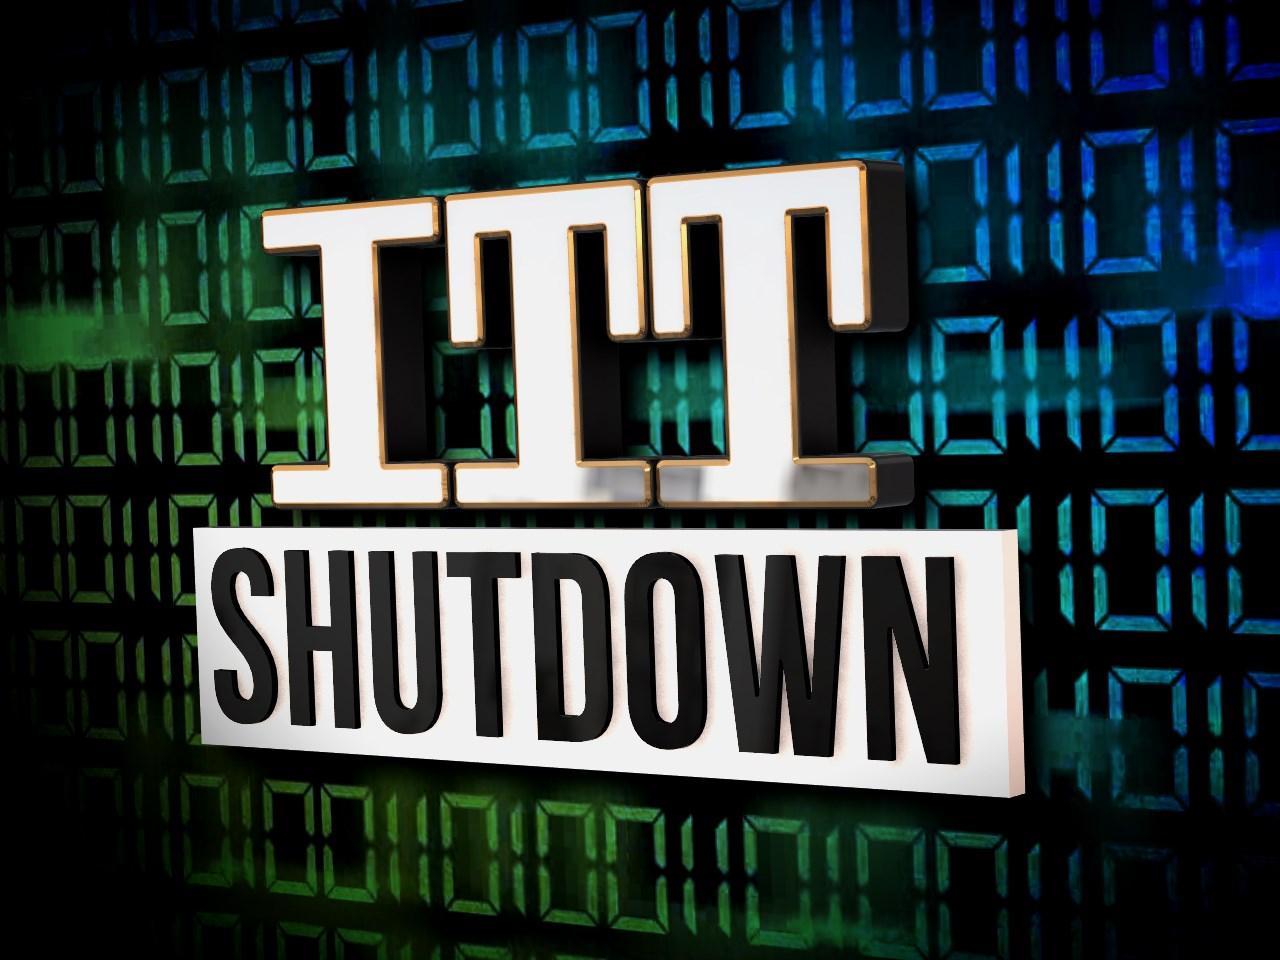 itt tech shutdown_1473289813541.jpg